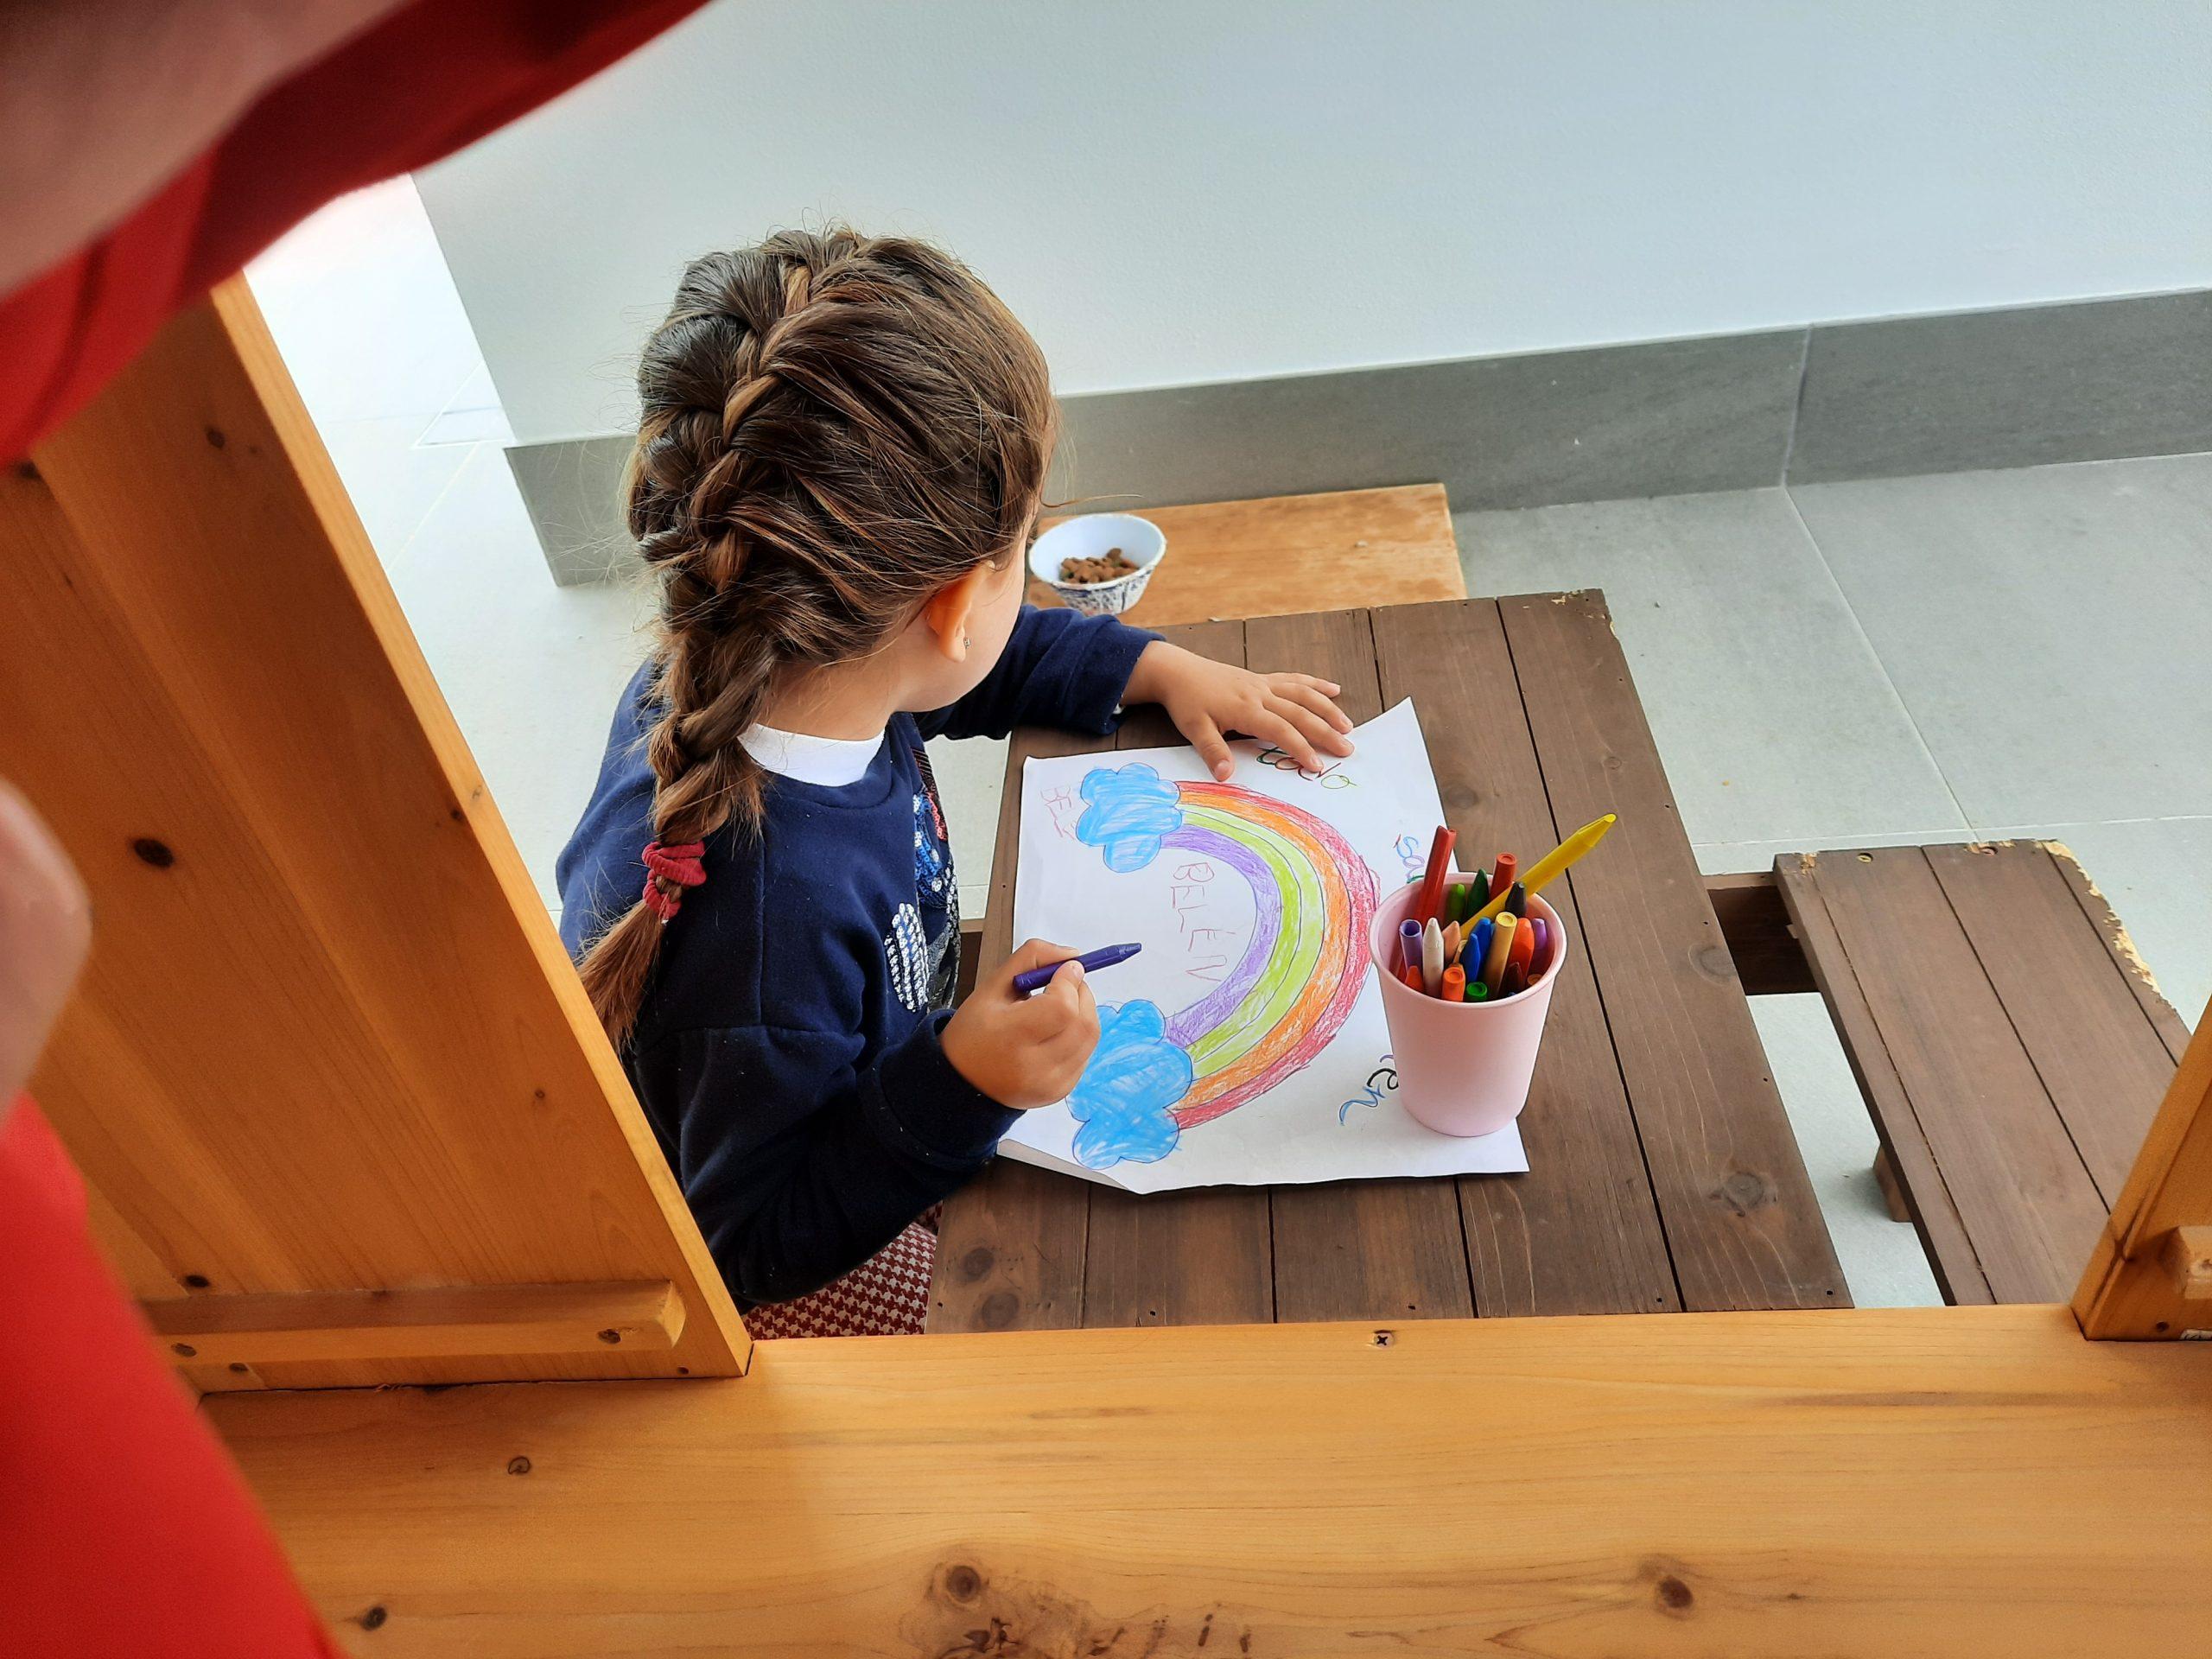 Onda financia los gastos de material escolar a los niños de tres a seis años en centros públicos y concertados